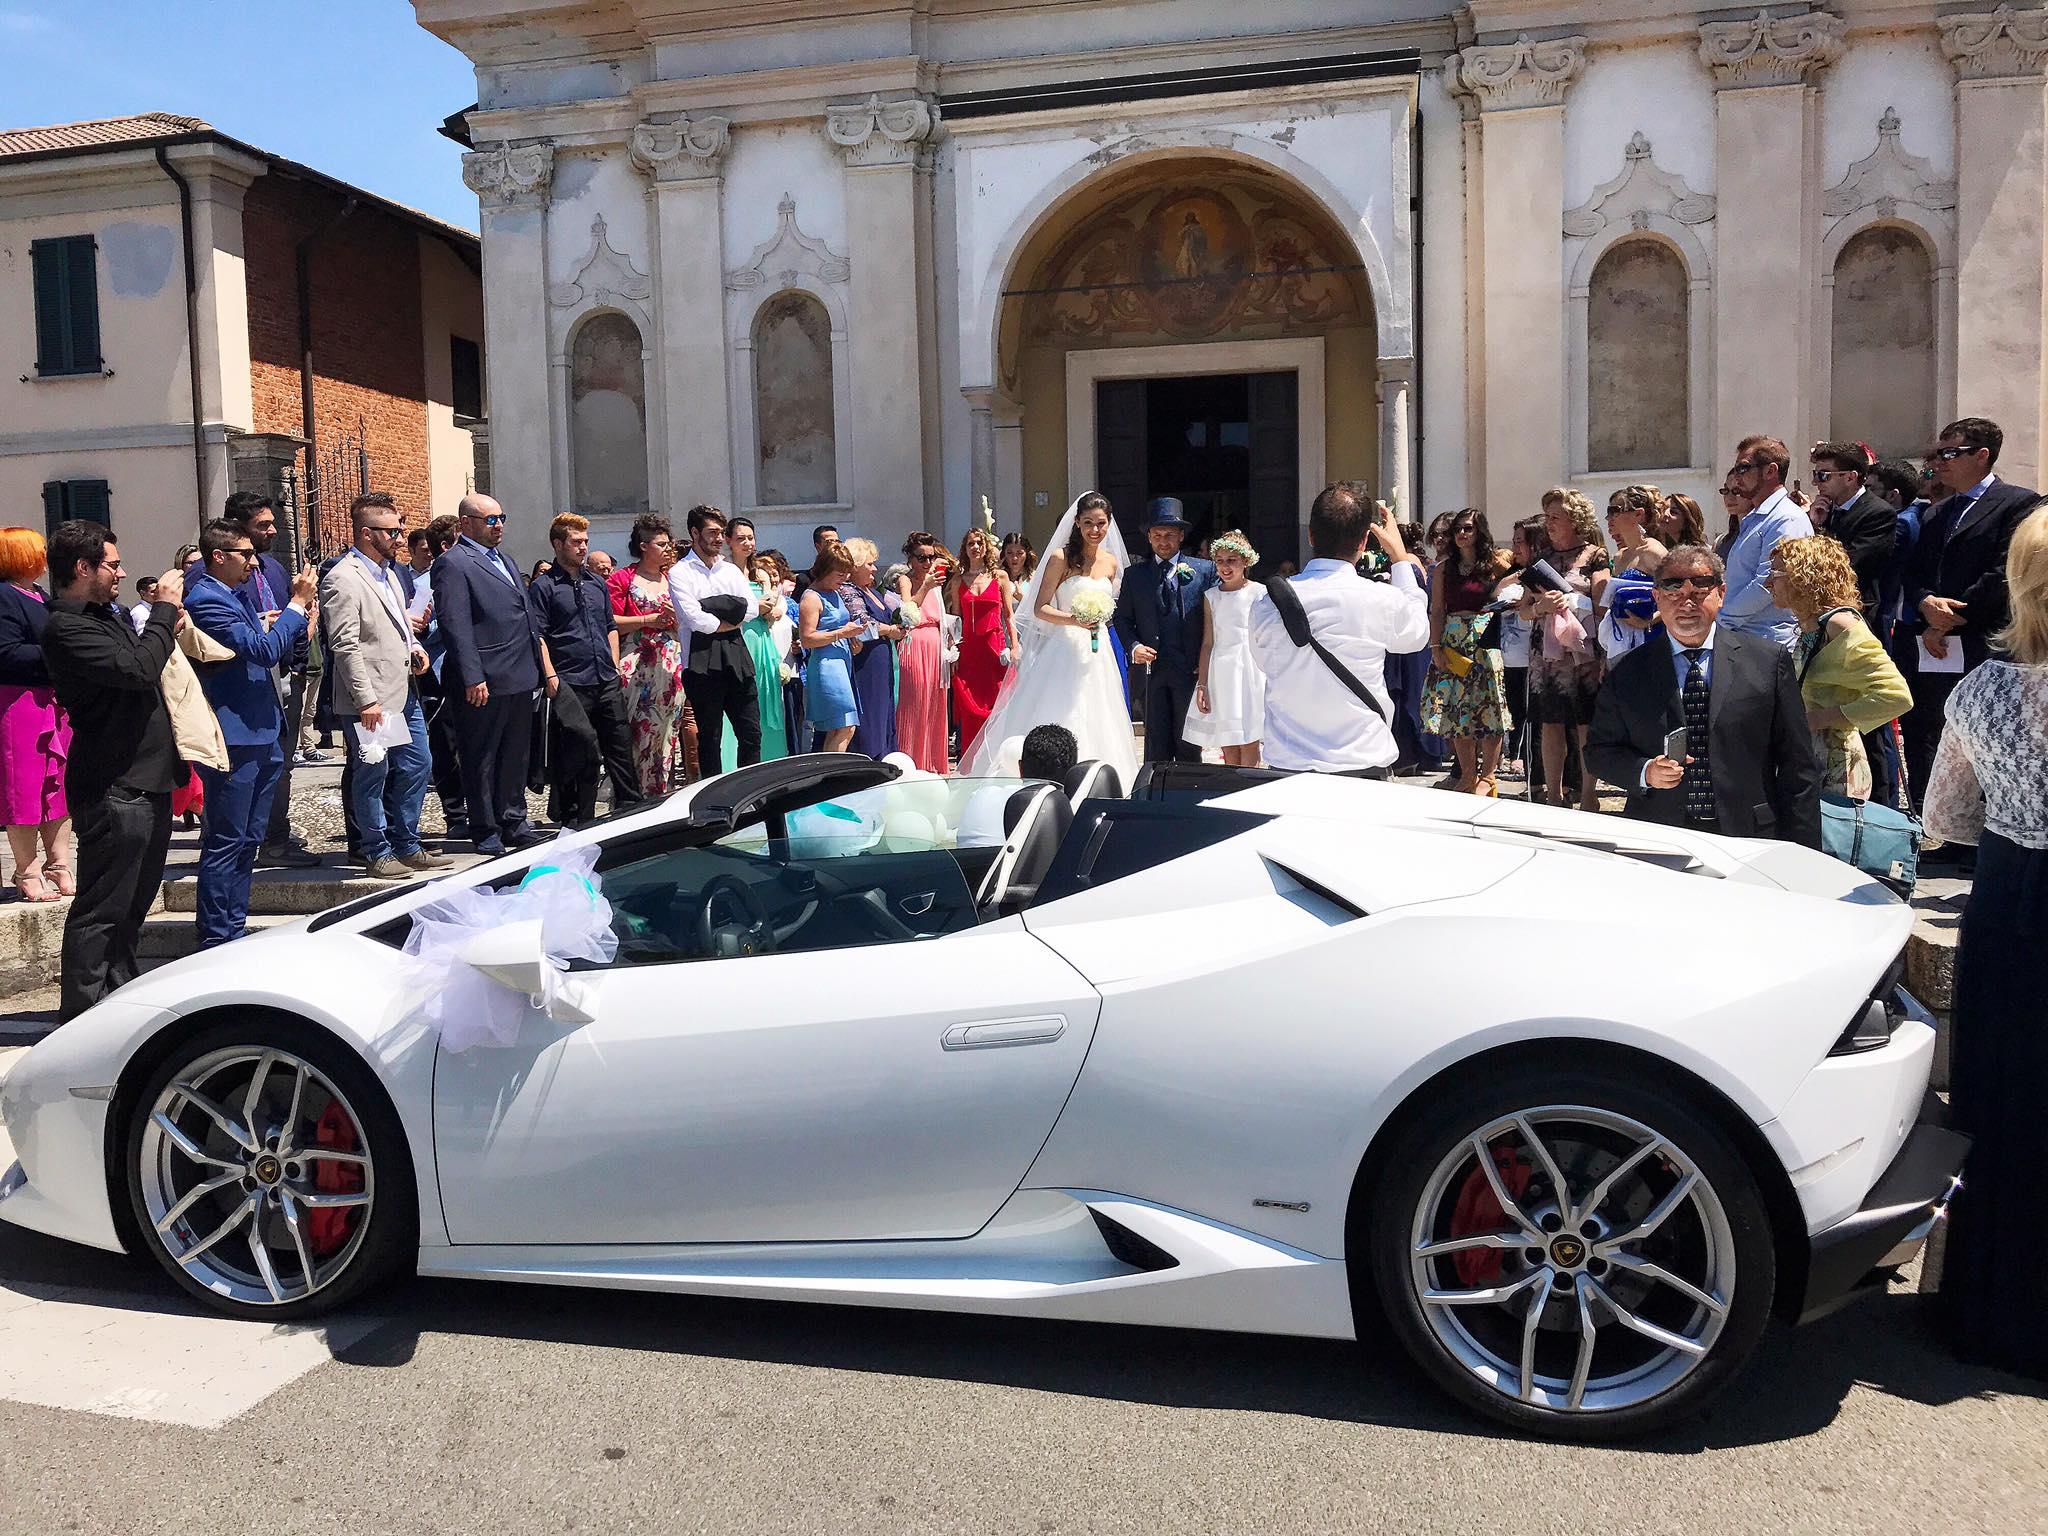 Macchine Matrimonio Toscana : Noleggio ferrari per matrimonio noleggio auto di lusso firenze